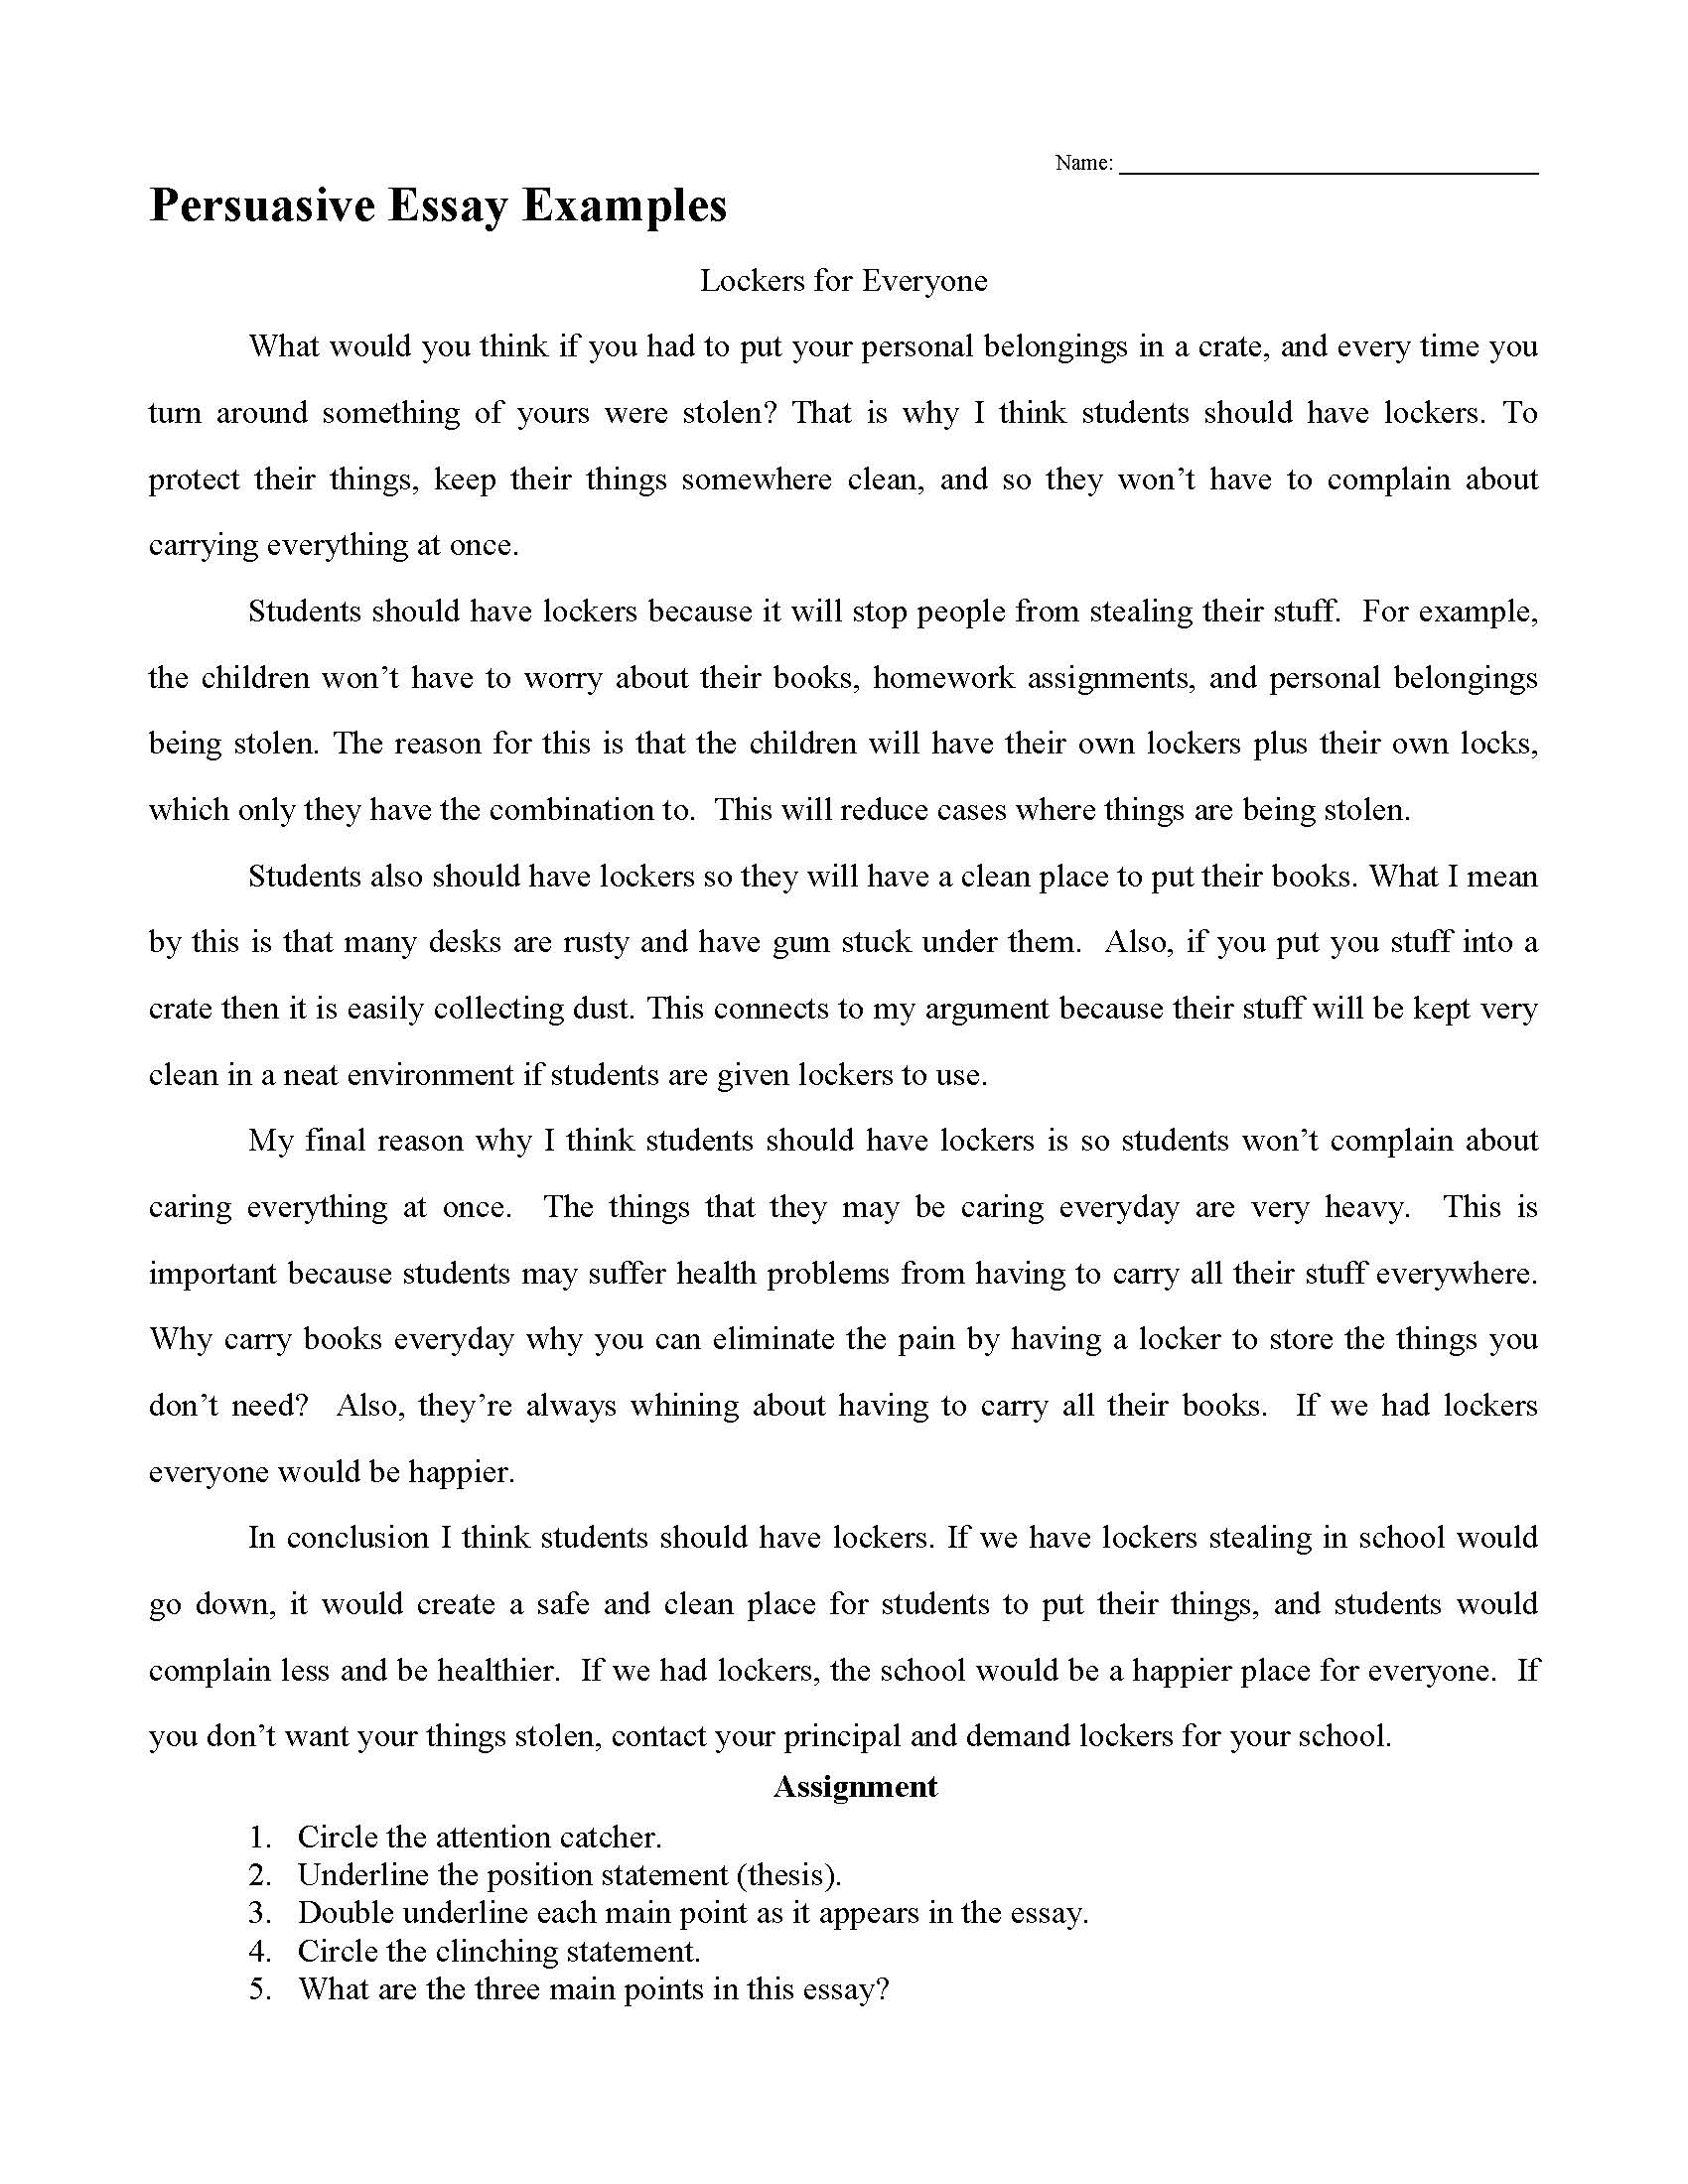 Essay Persuasive Writing Persuasive Essay 02 10